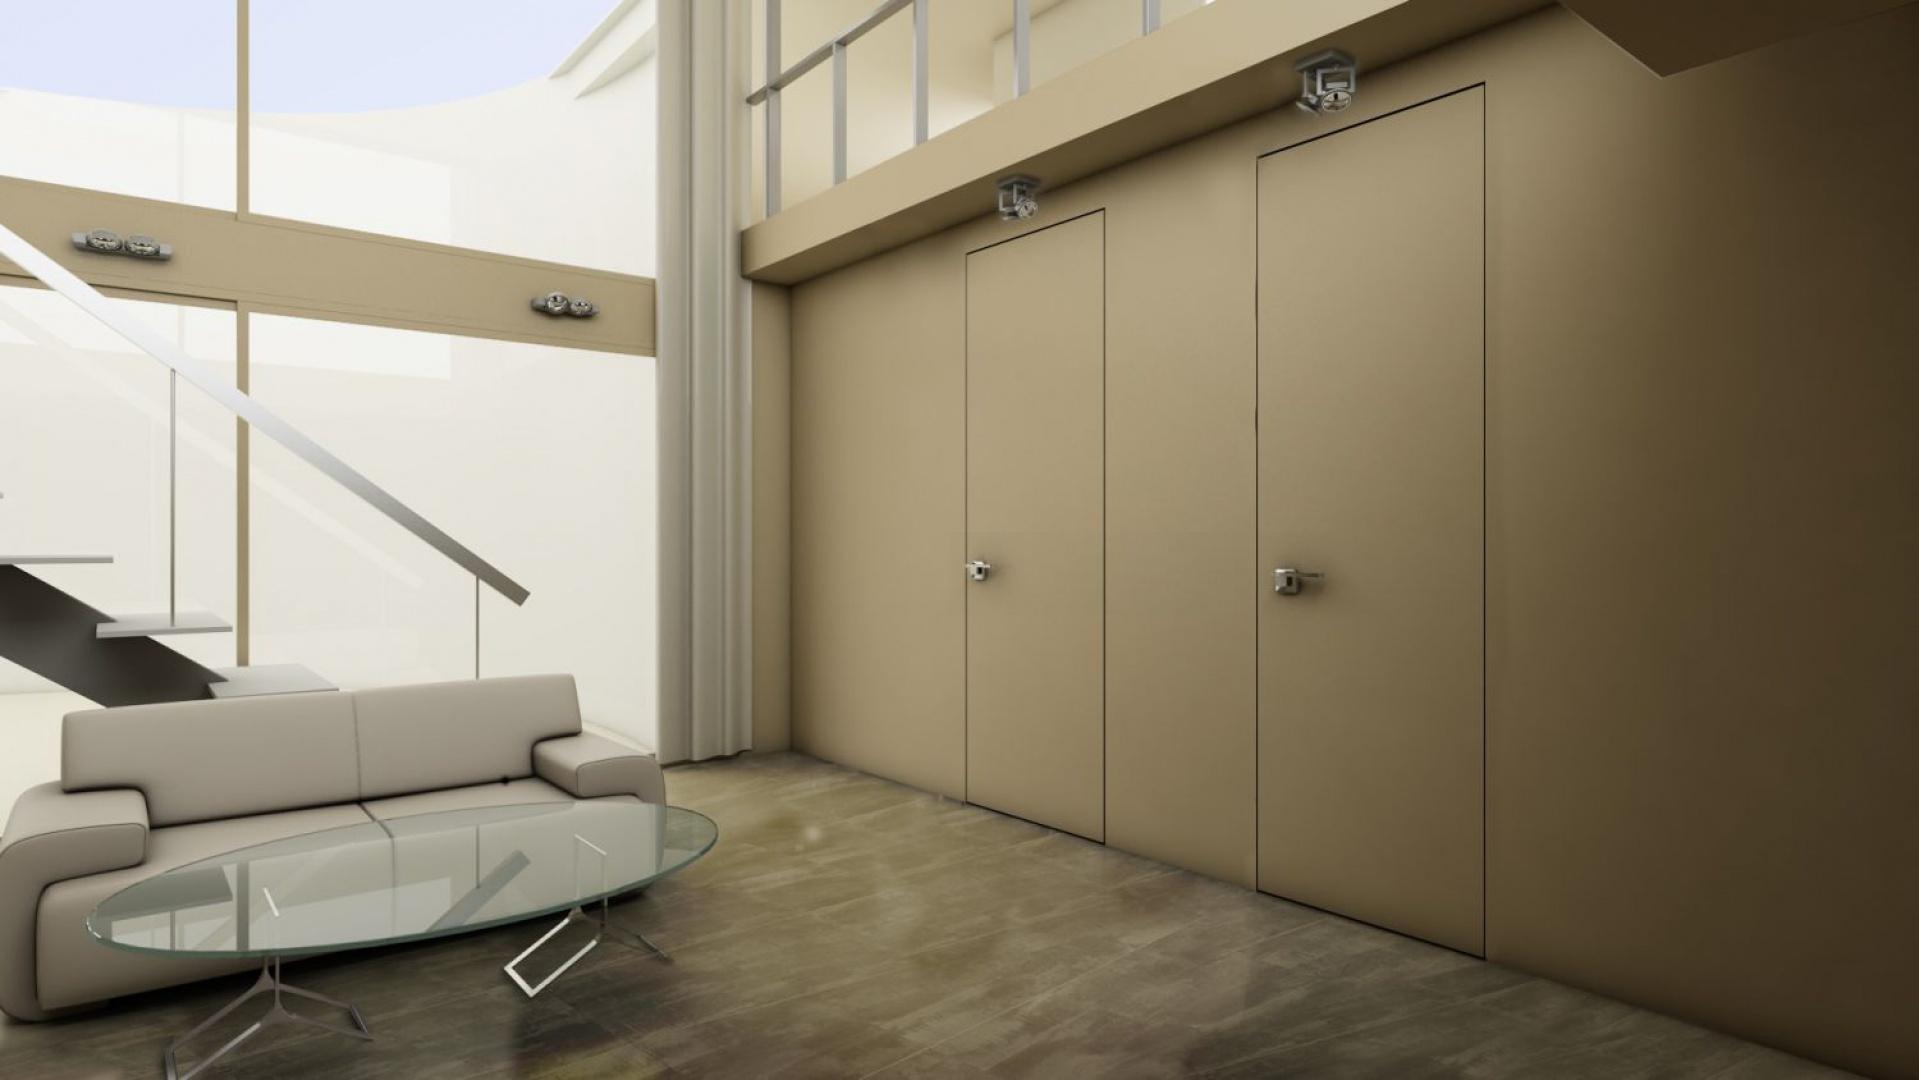 Chowające się w ścianie drzwi to idealne rozwiązanie do minimalistycznych wnętrz. Fot. PIU Design.